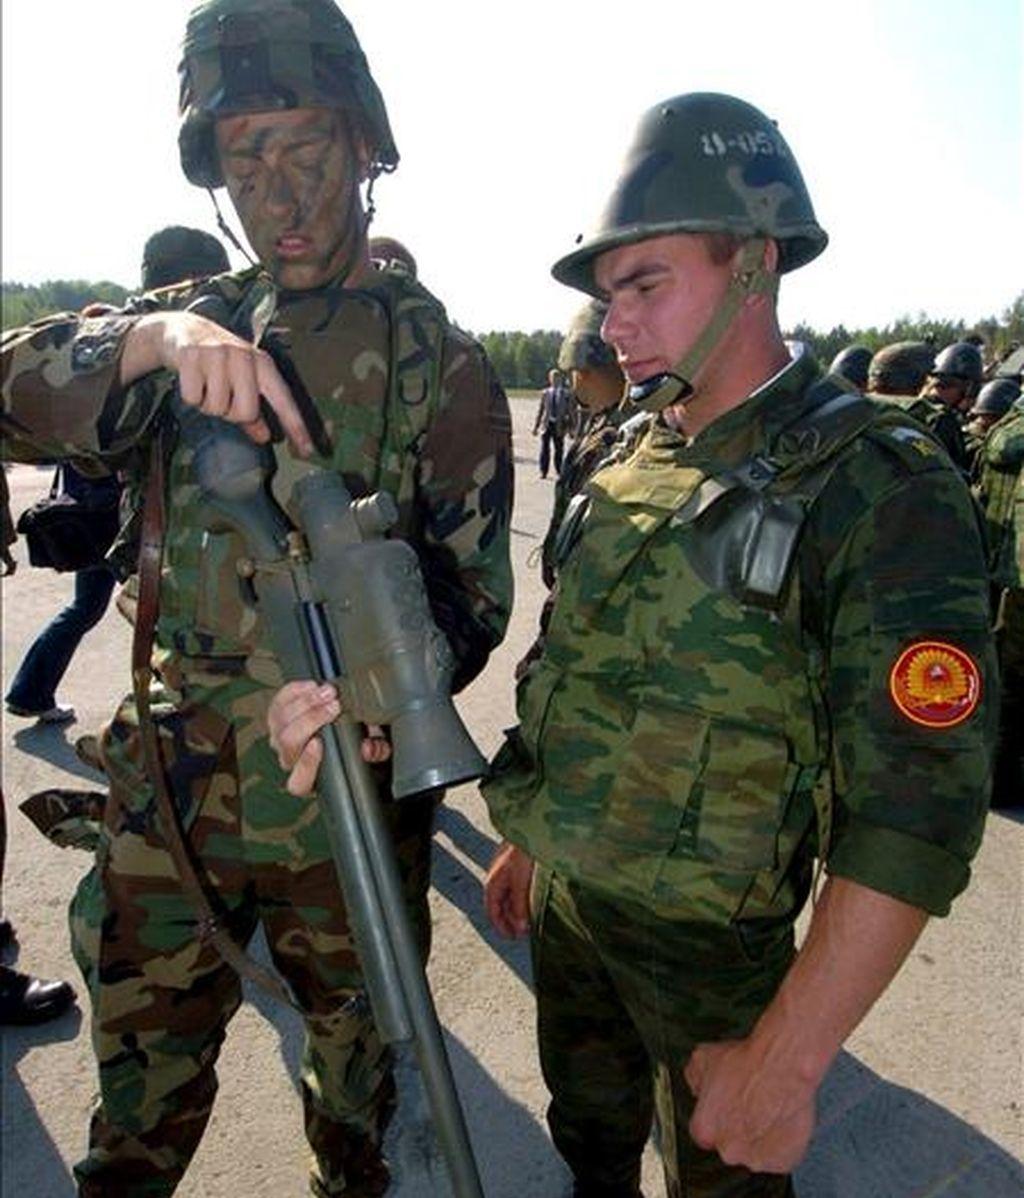 Un soldado estadounidense (izqda.) explica a un ruso (dcha.) como funciona un rifle durante las prácticas militares en Grafenwoehr, Alemania, lo 2 de junio de 2005. EFE/Archivo